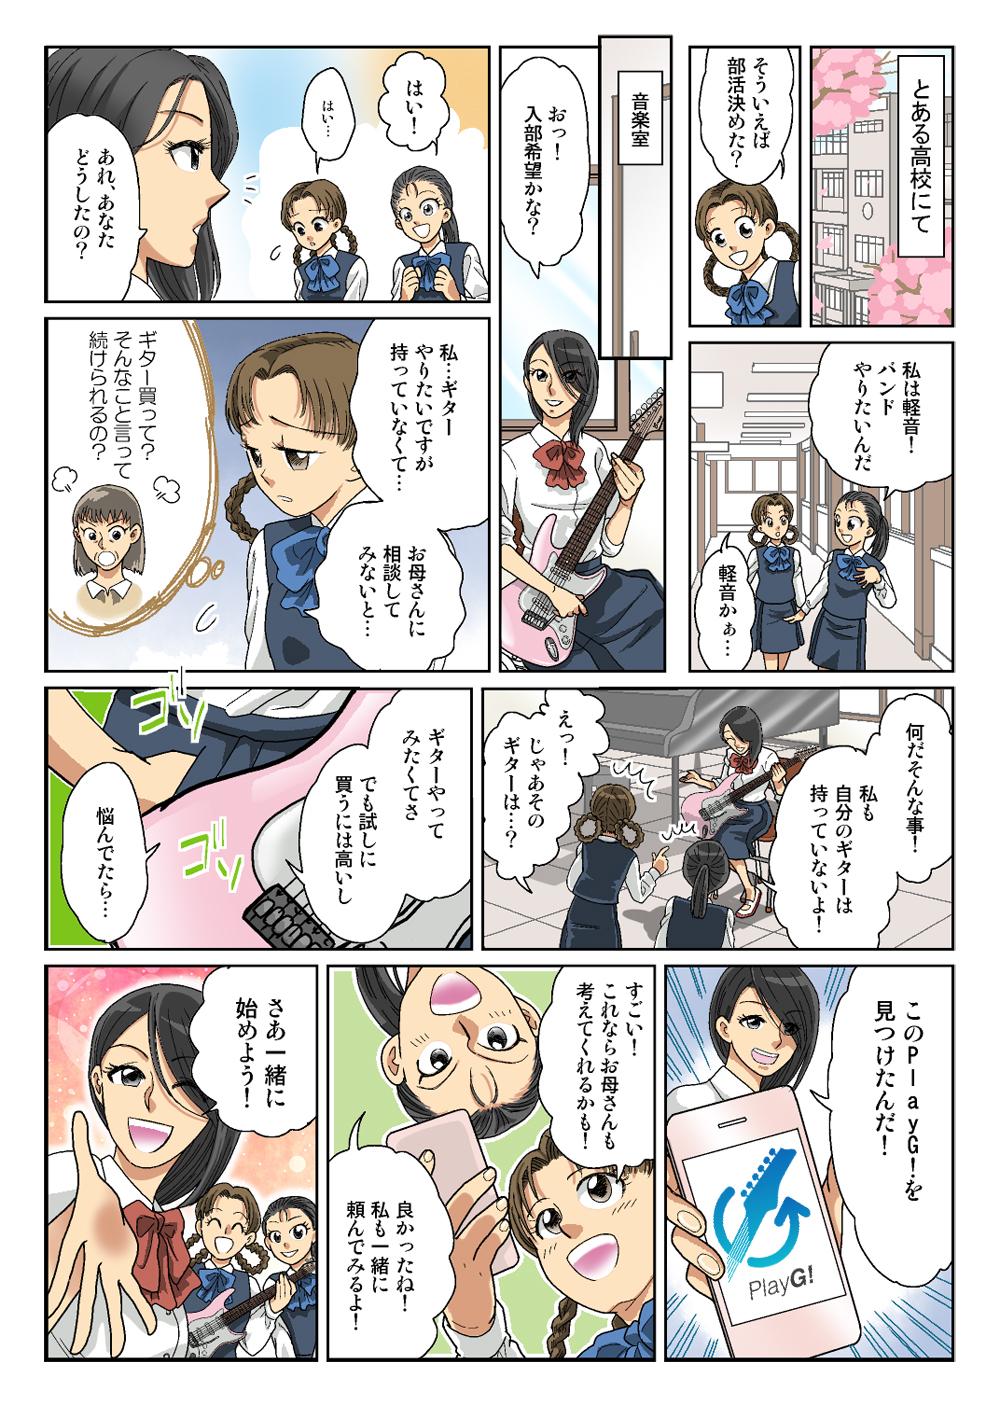 神田商会様のギターレンタルサブスクリプションサイトPlayG!のサービス説明漫画[画像1]